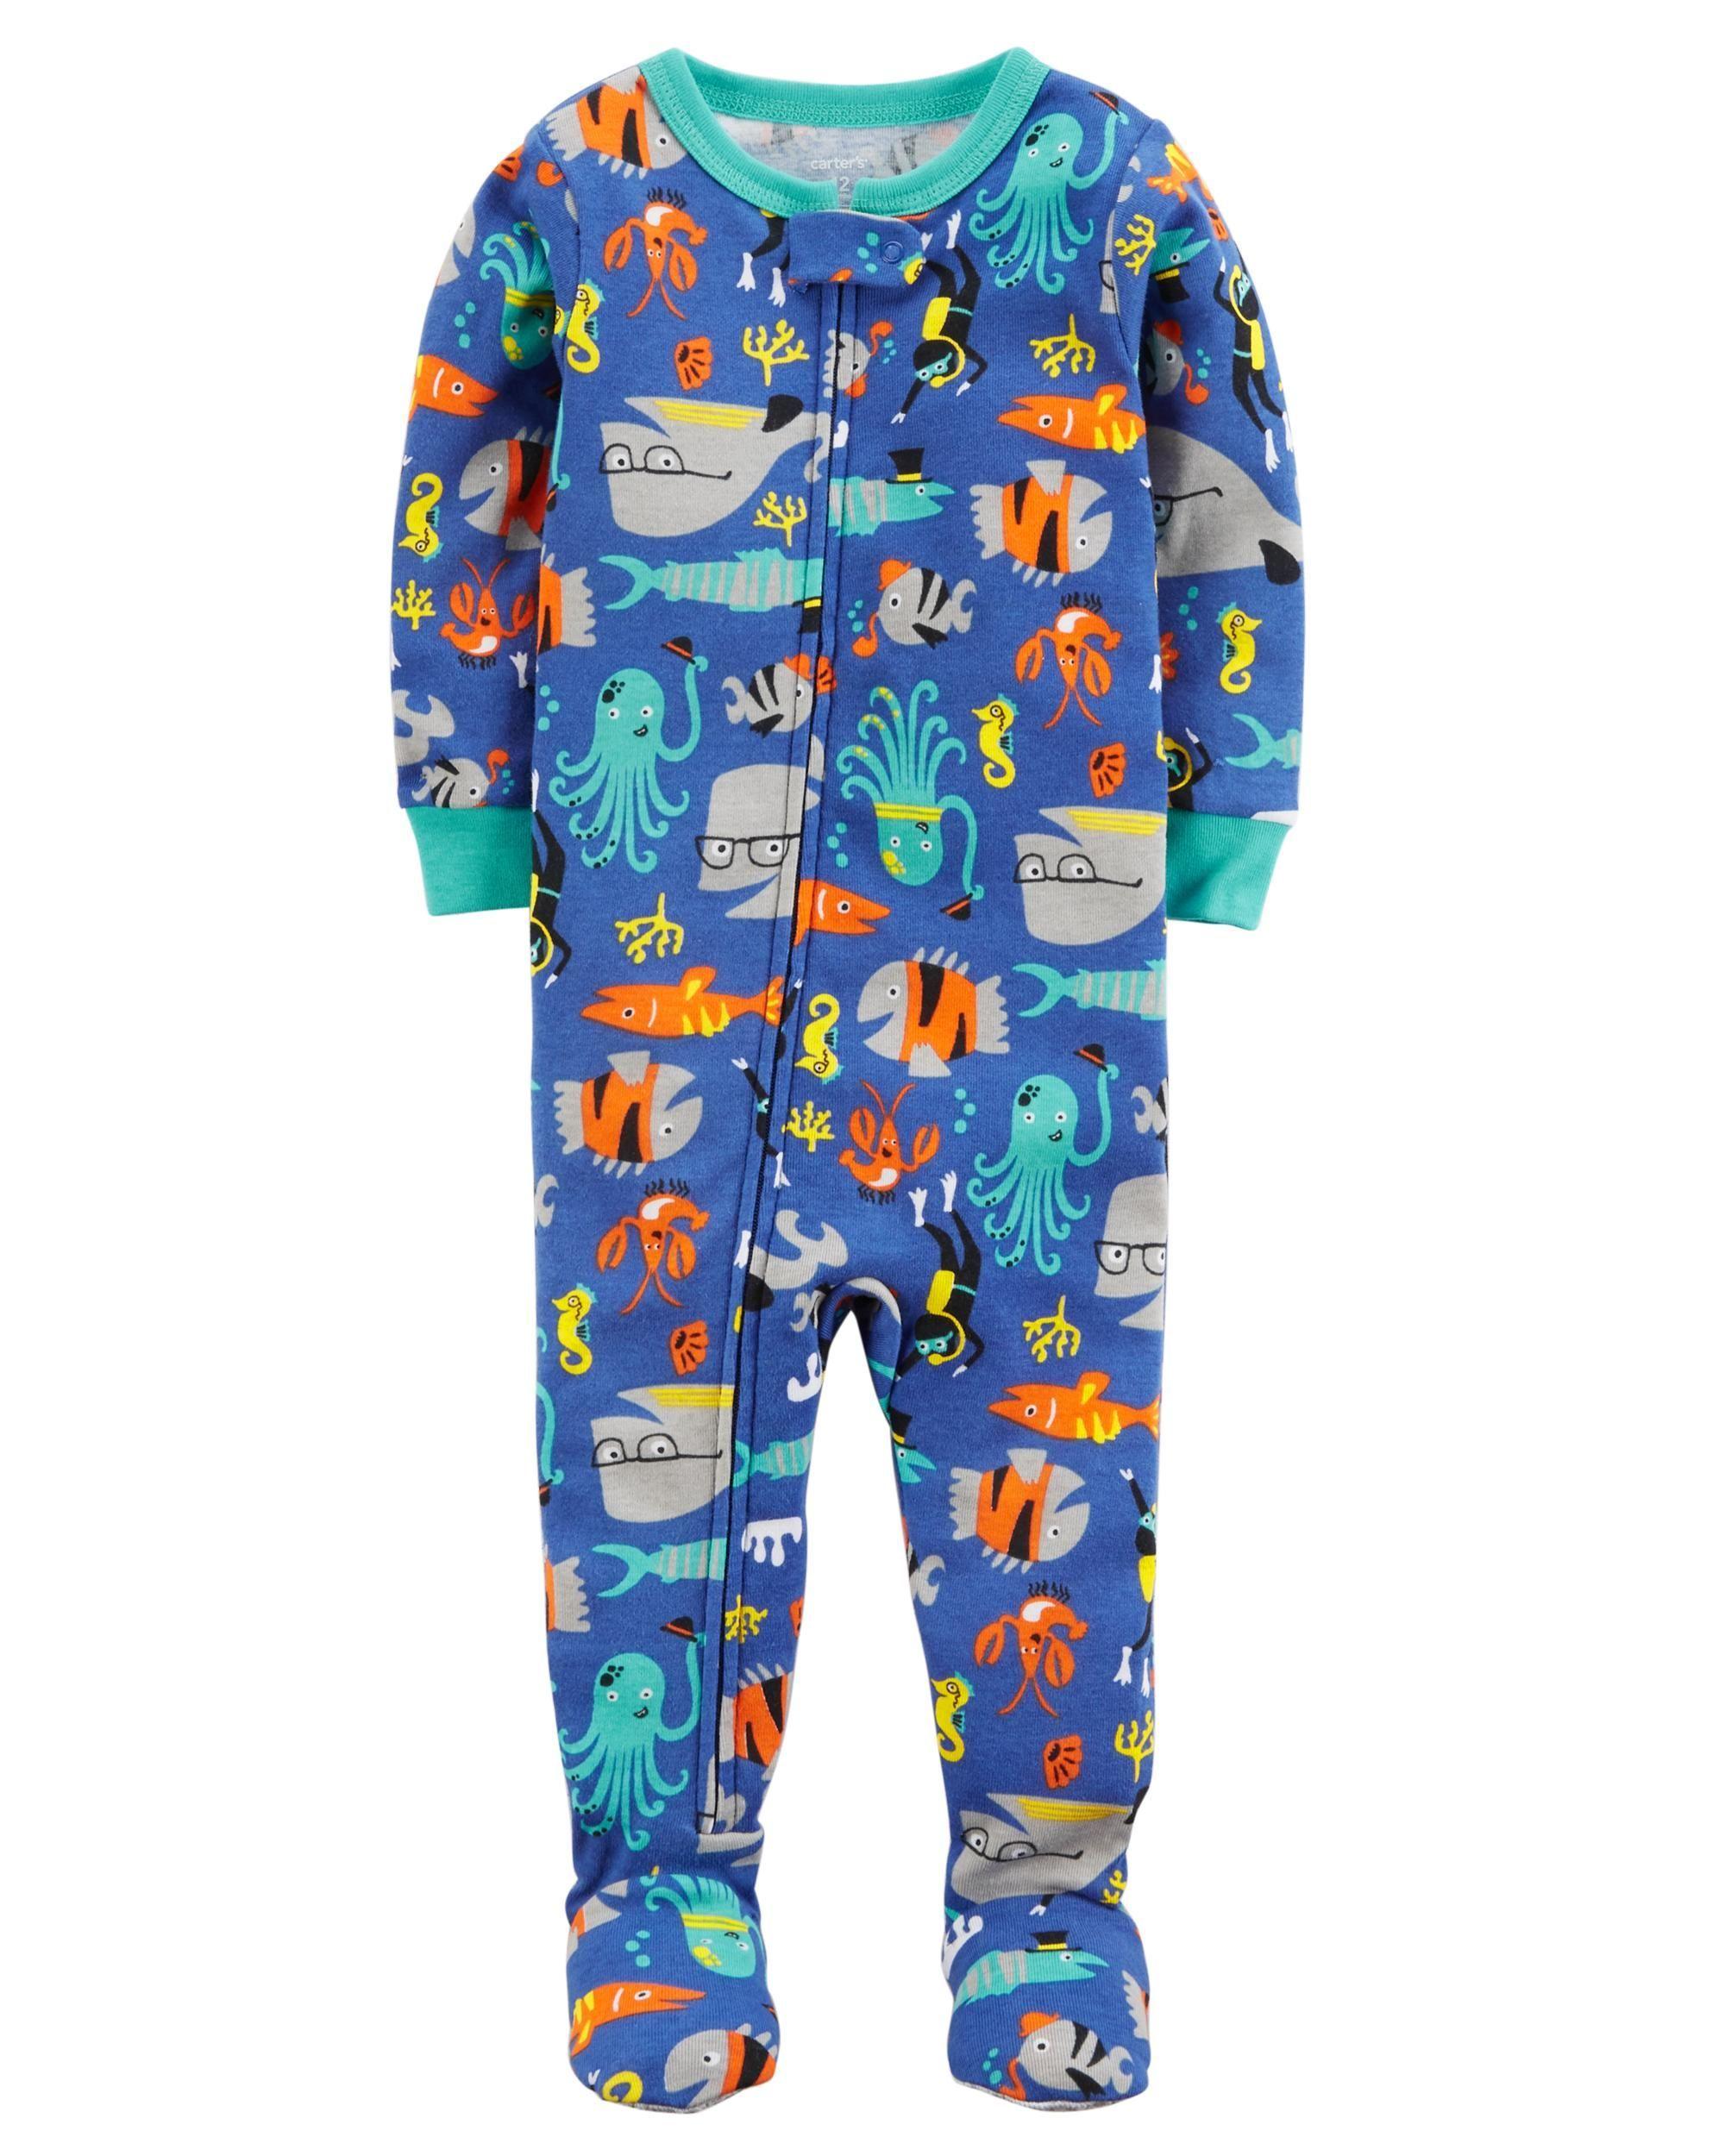 0ab2f43bf82d No slip gripper foot 1-Piece Fish Snug-Fit Cotton PJs